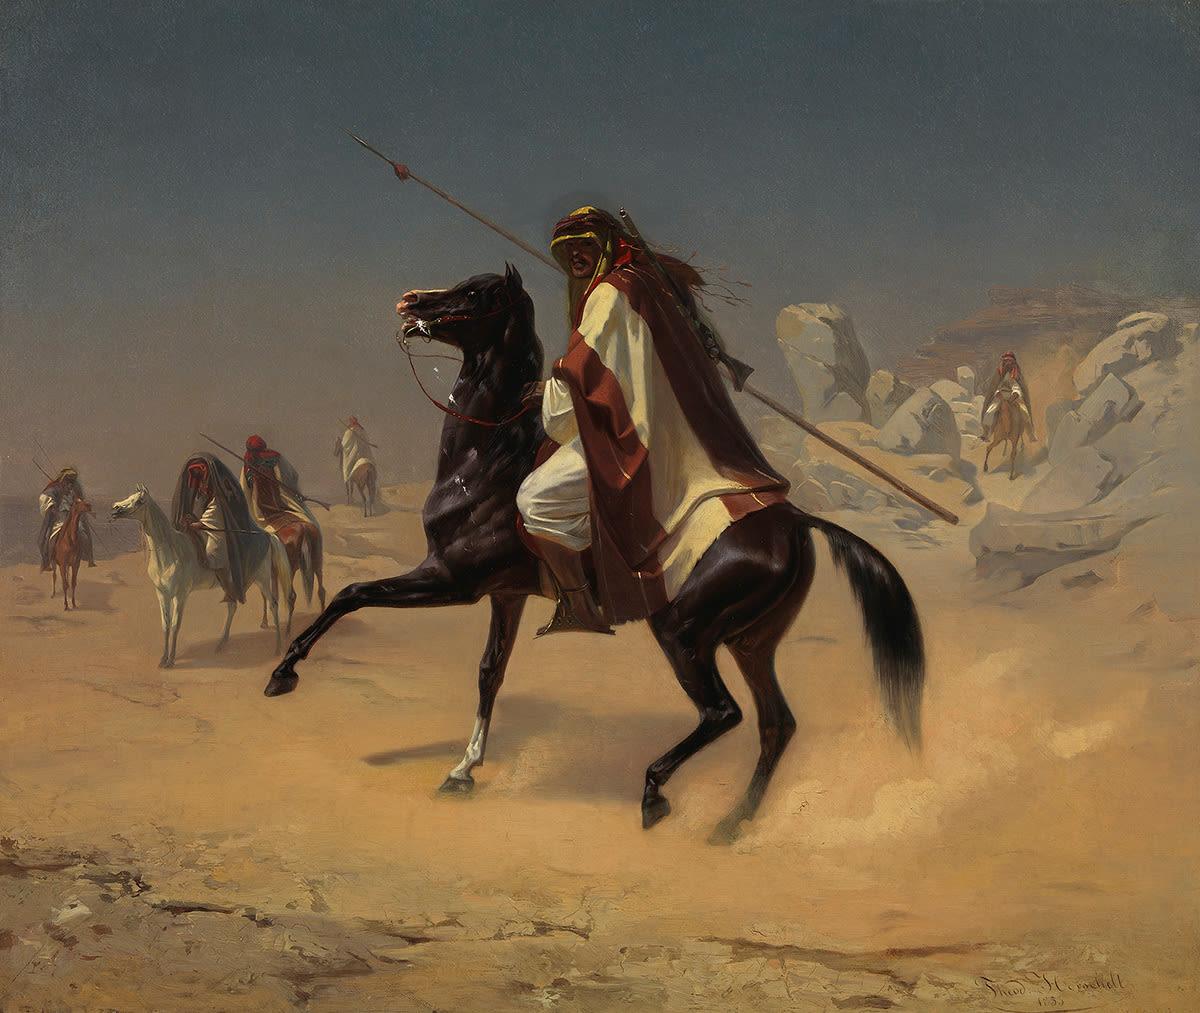 Ein Araber zu Pferd